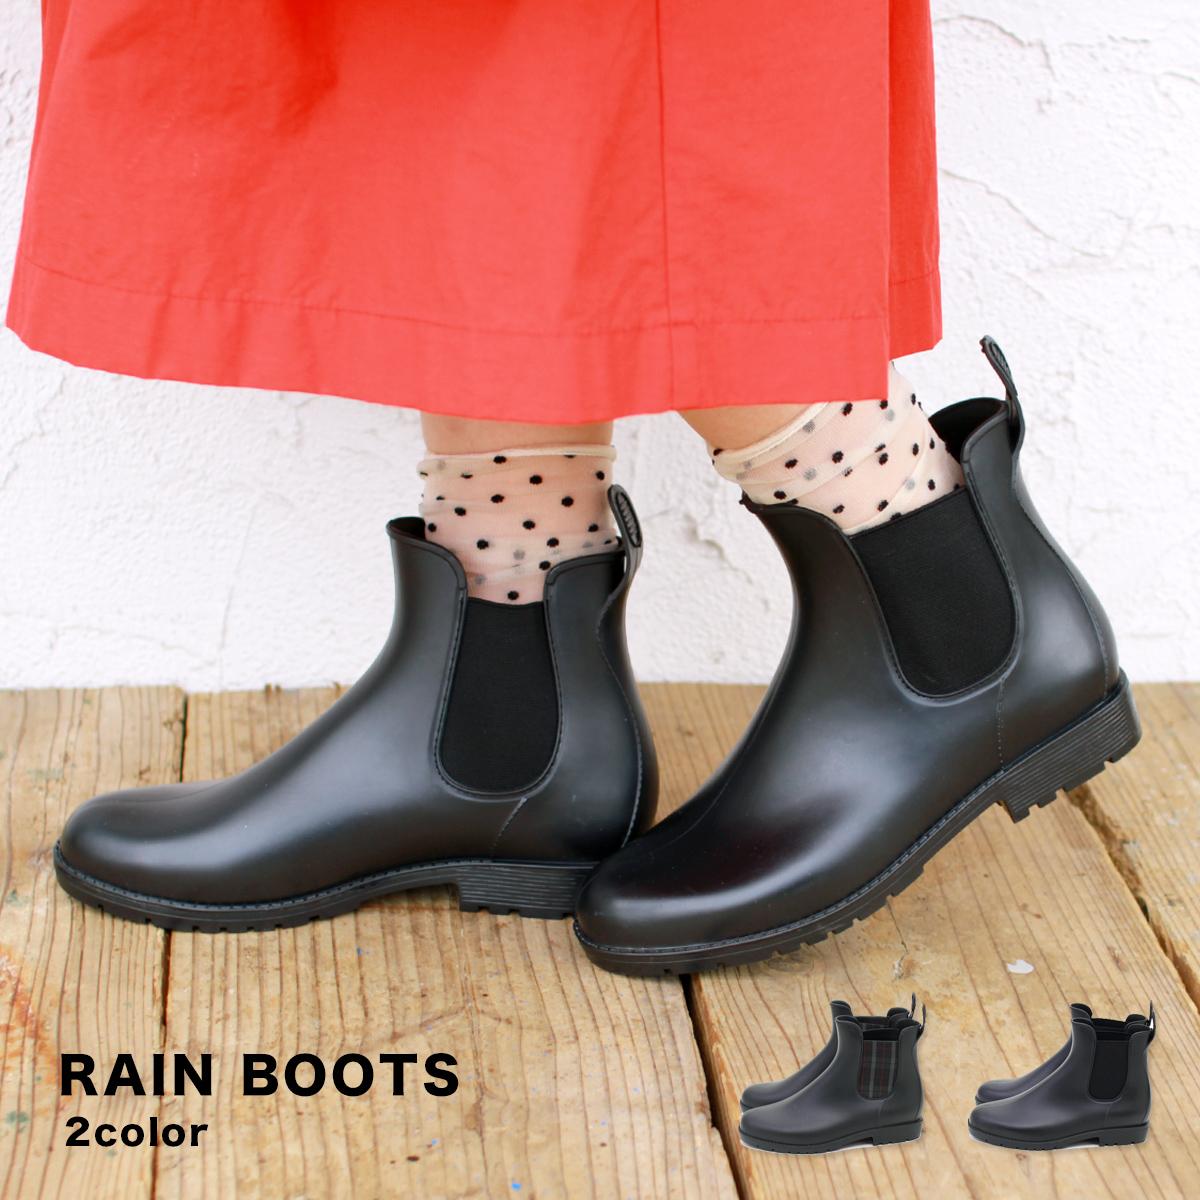 d1dfab6bd4bdf1 【女性】脱ぎやすい濡れないおしゃれなレインブーツ・雨靴のおすすめ(レディース)ランキング【1ページ】 Gランキング